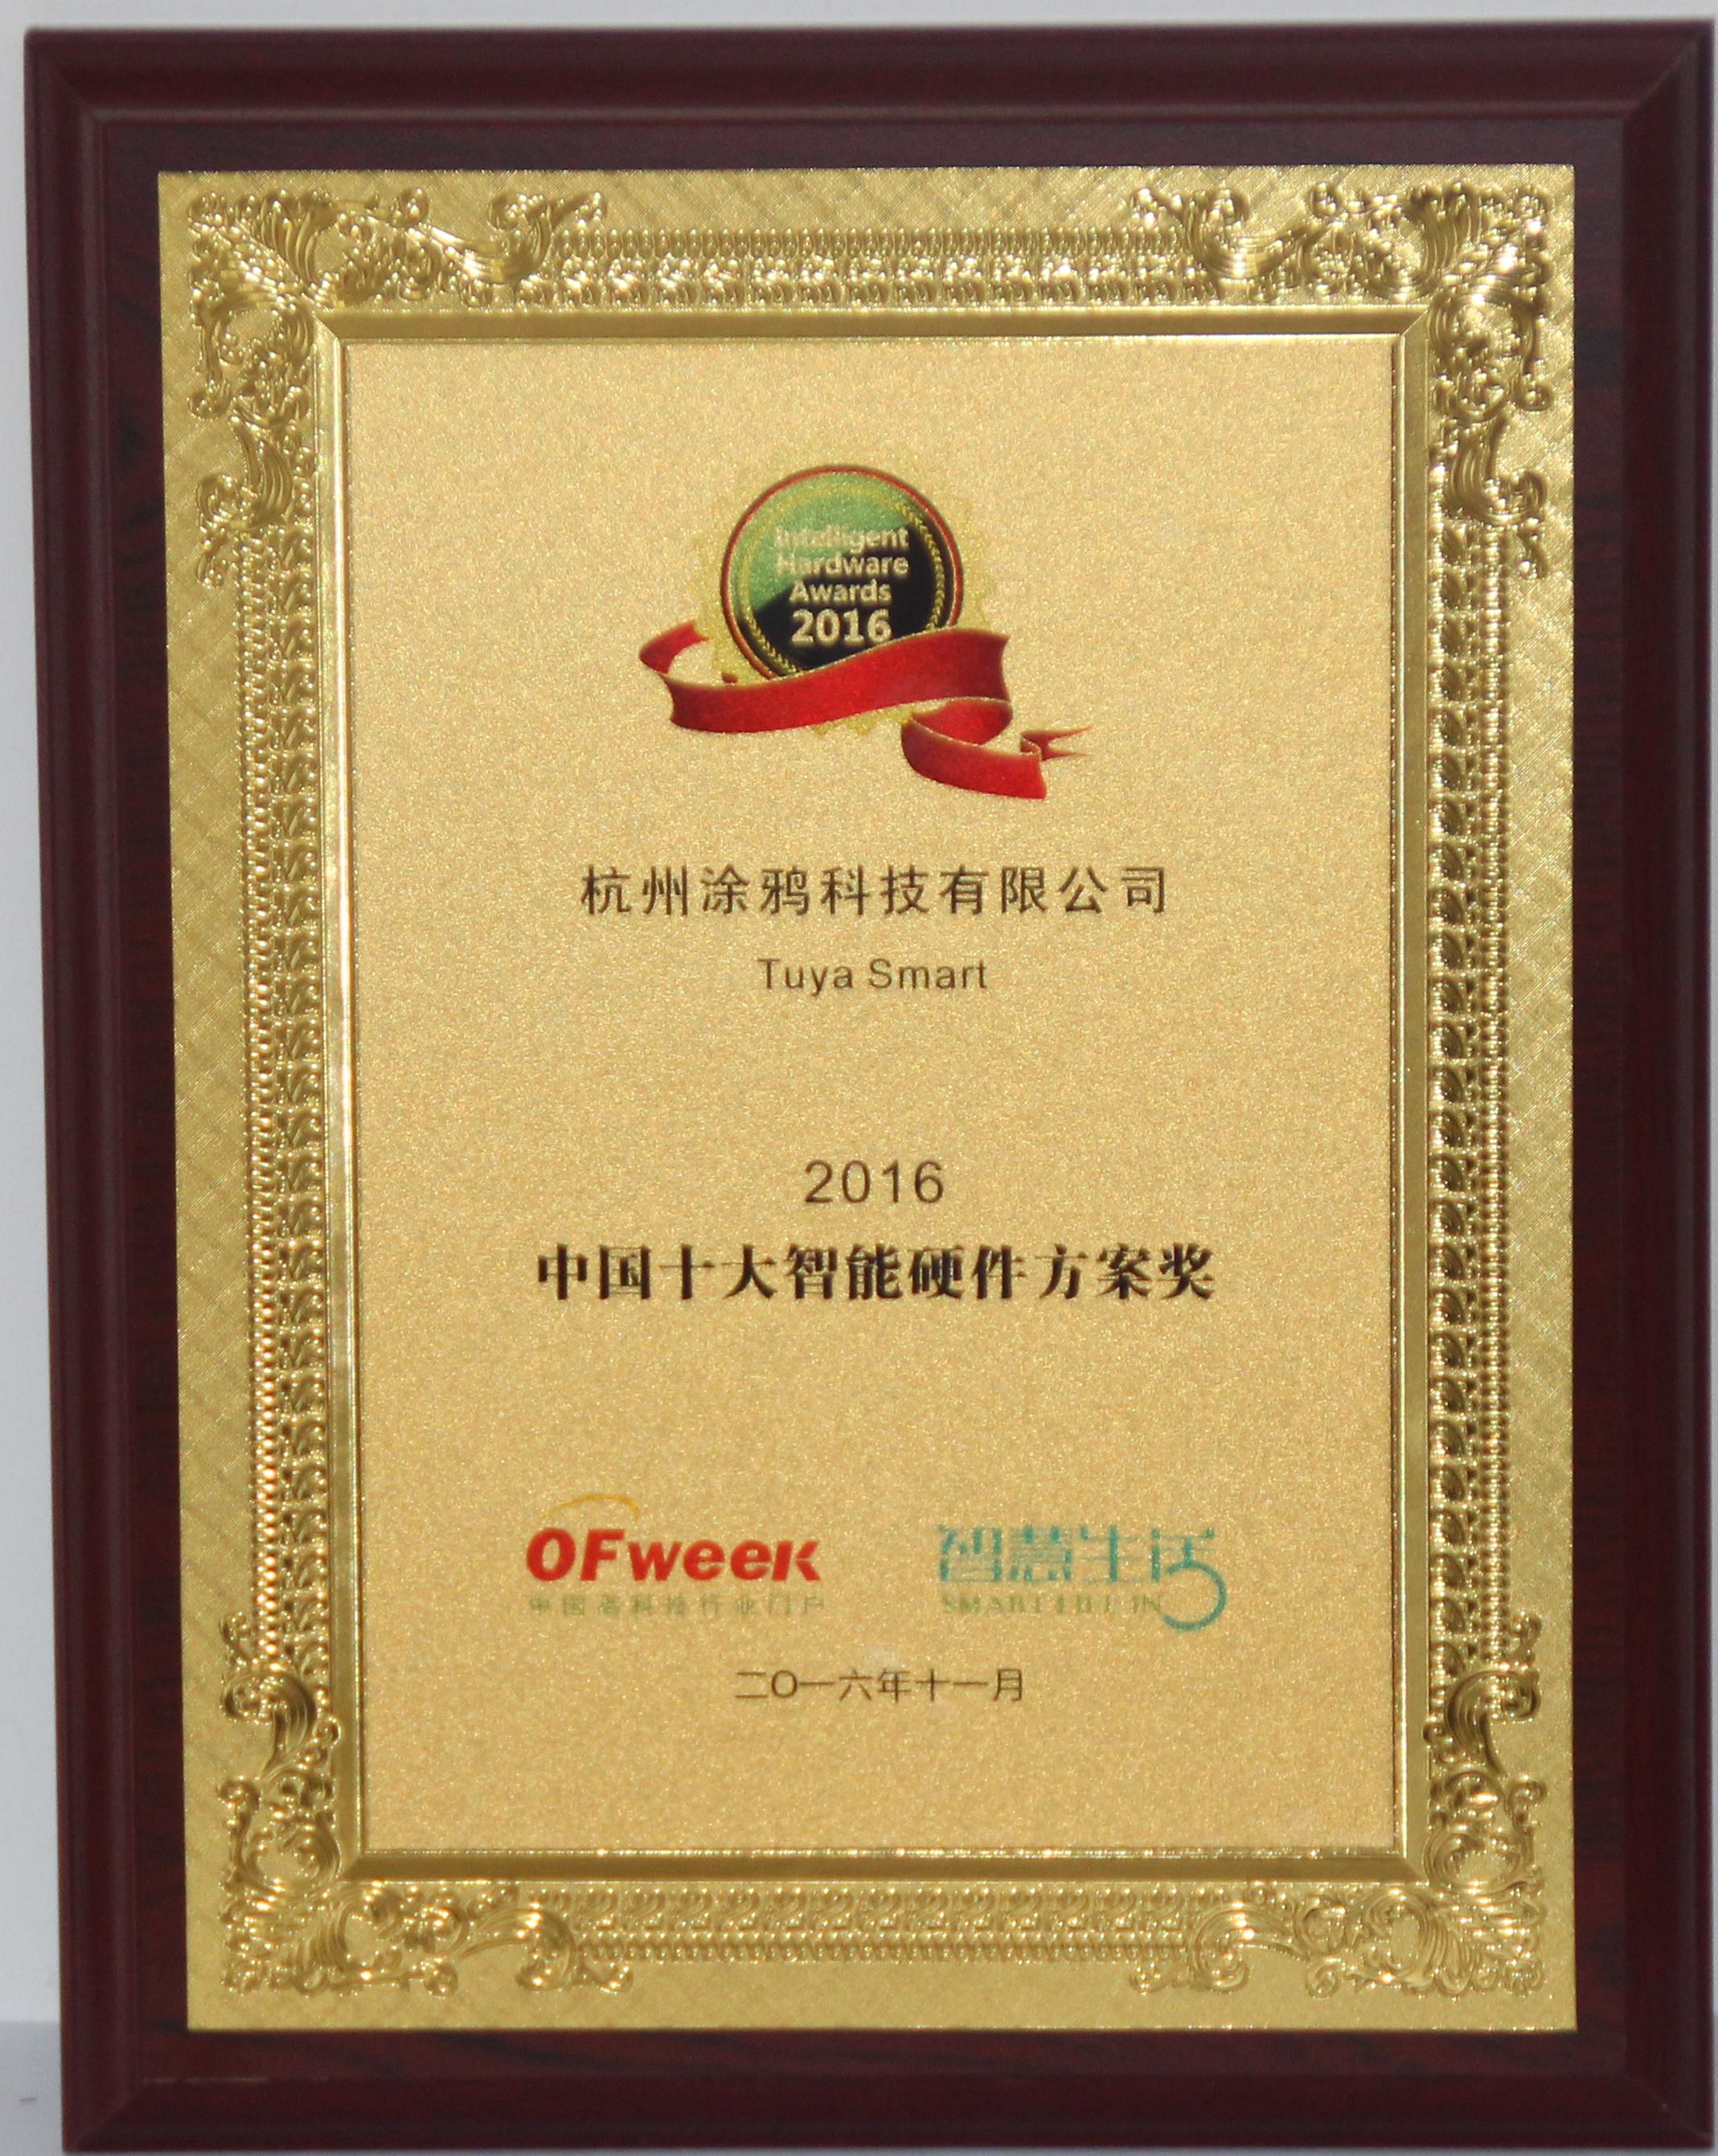 杭州涂鸦科技有限公司获China Intelligent Hardware Awards 2016中国十大智能硬件方案奖